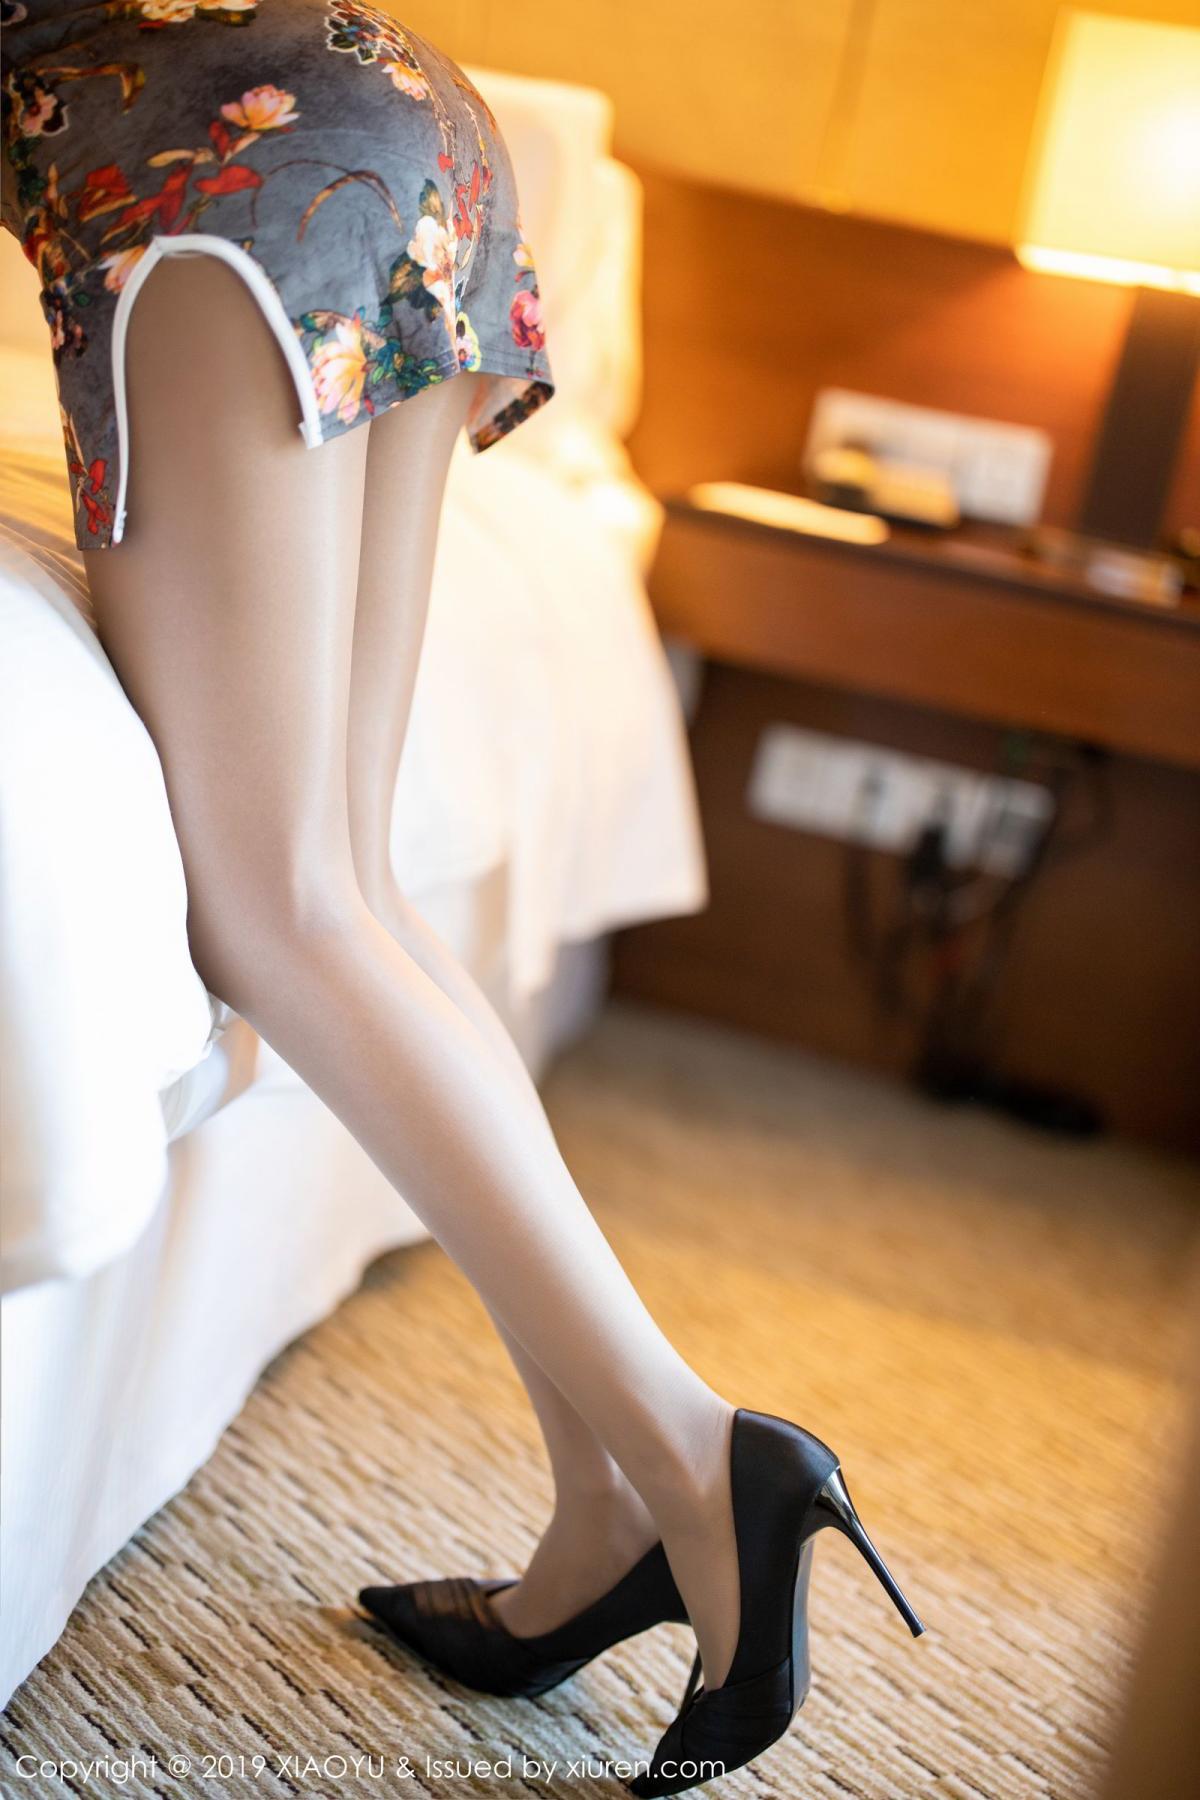 [XiaoYu] Vol.196 Chen Liang Ling 36P, Chen Liang Ling, Cheongsam, Temperament, Underwear, XiaoYu